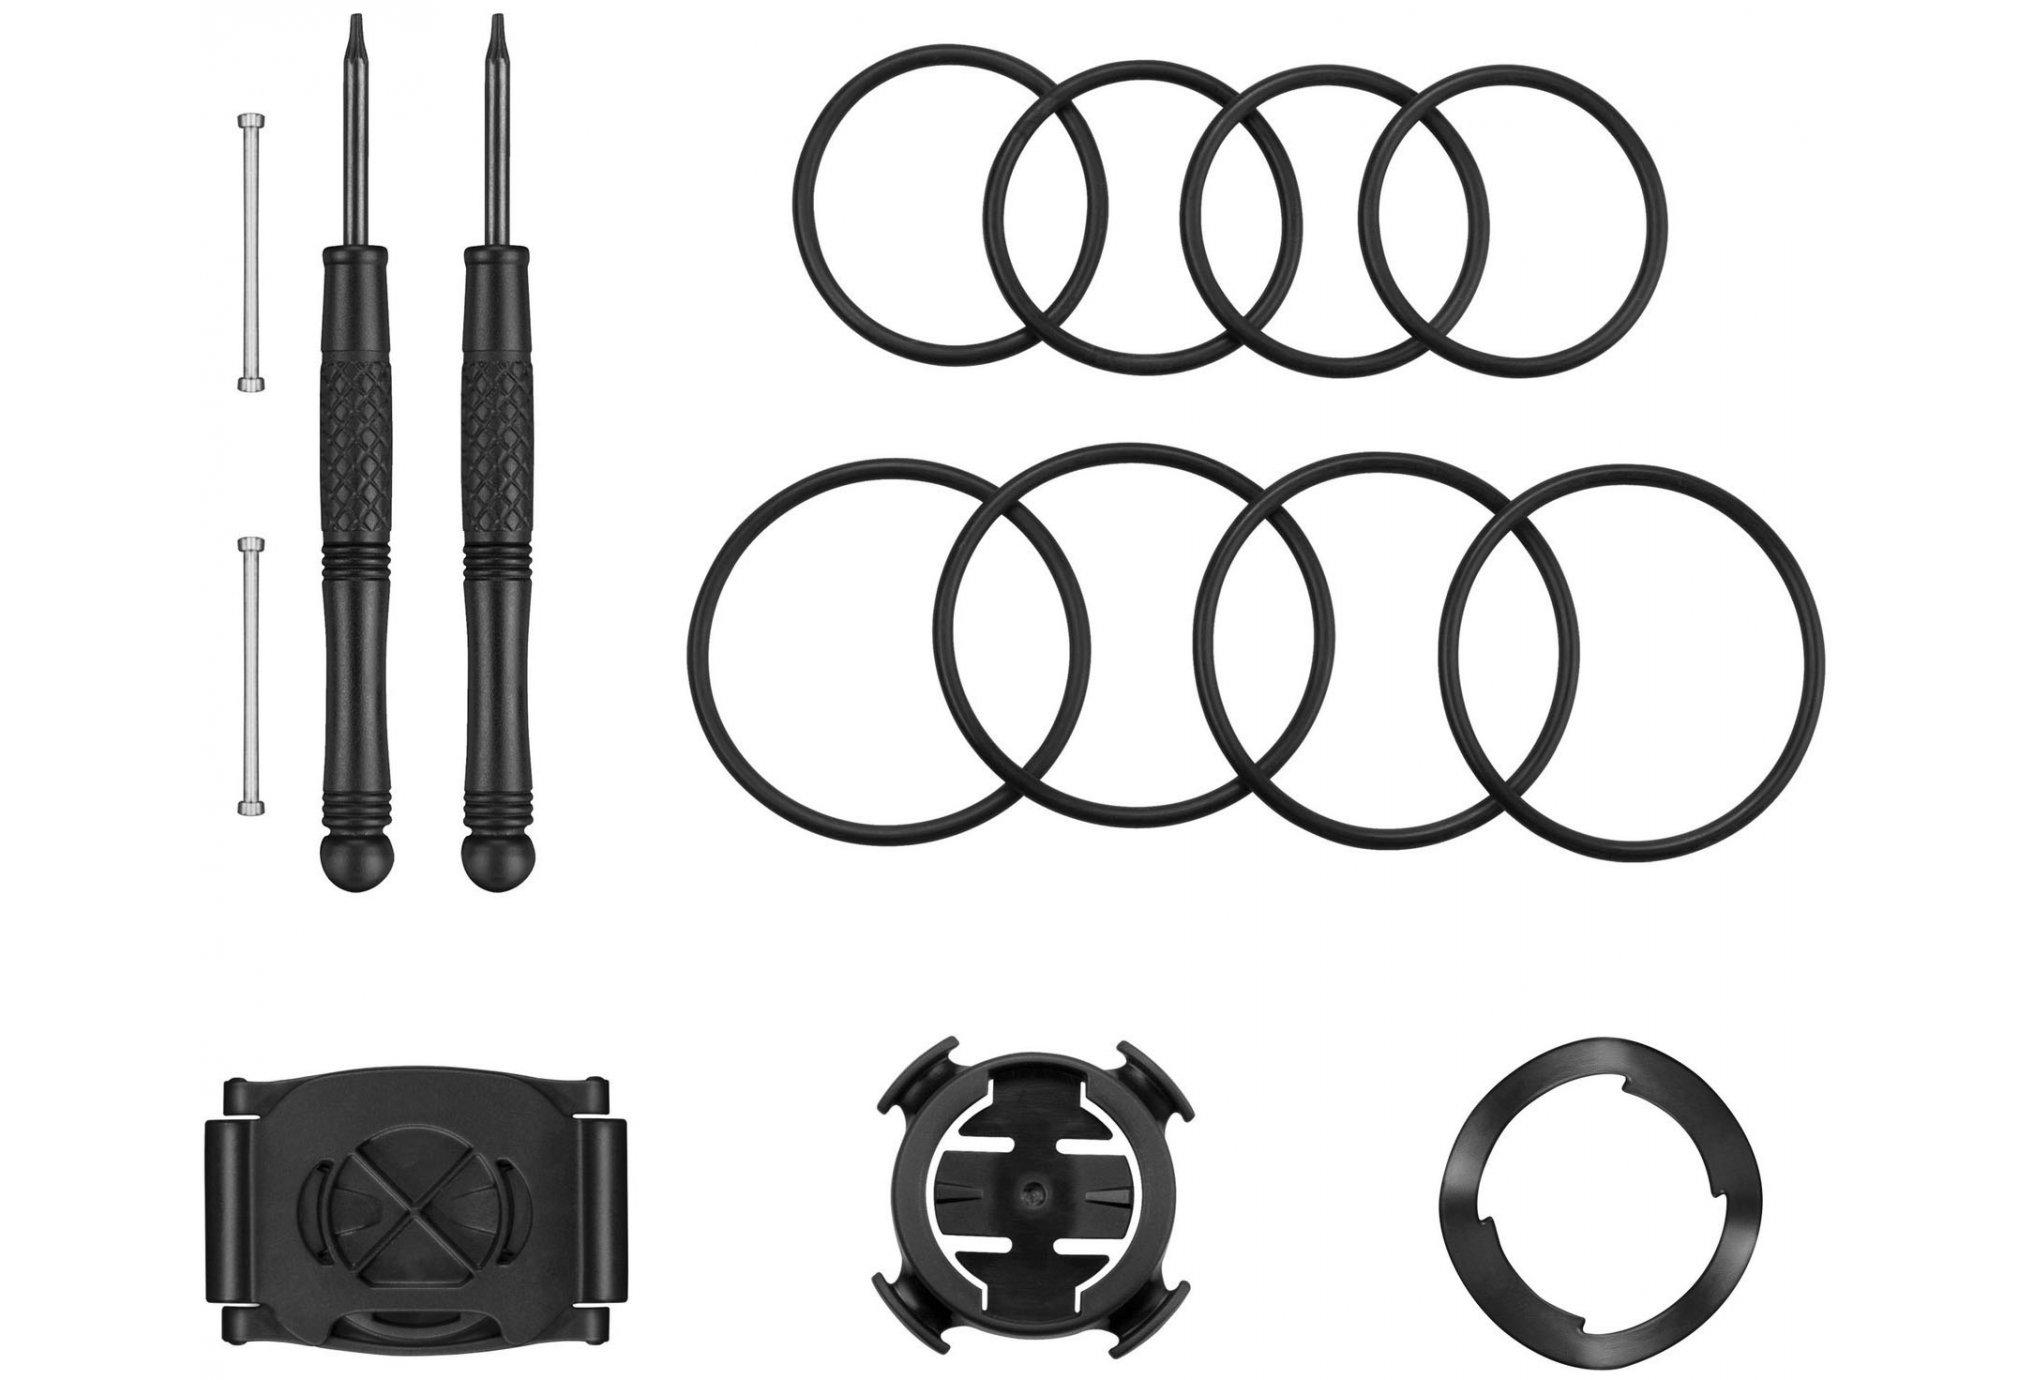 Garmin Kit de montage Forerunner 920XT Accessoires montres/ Bracelets